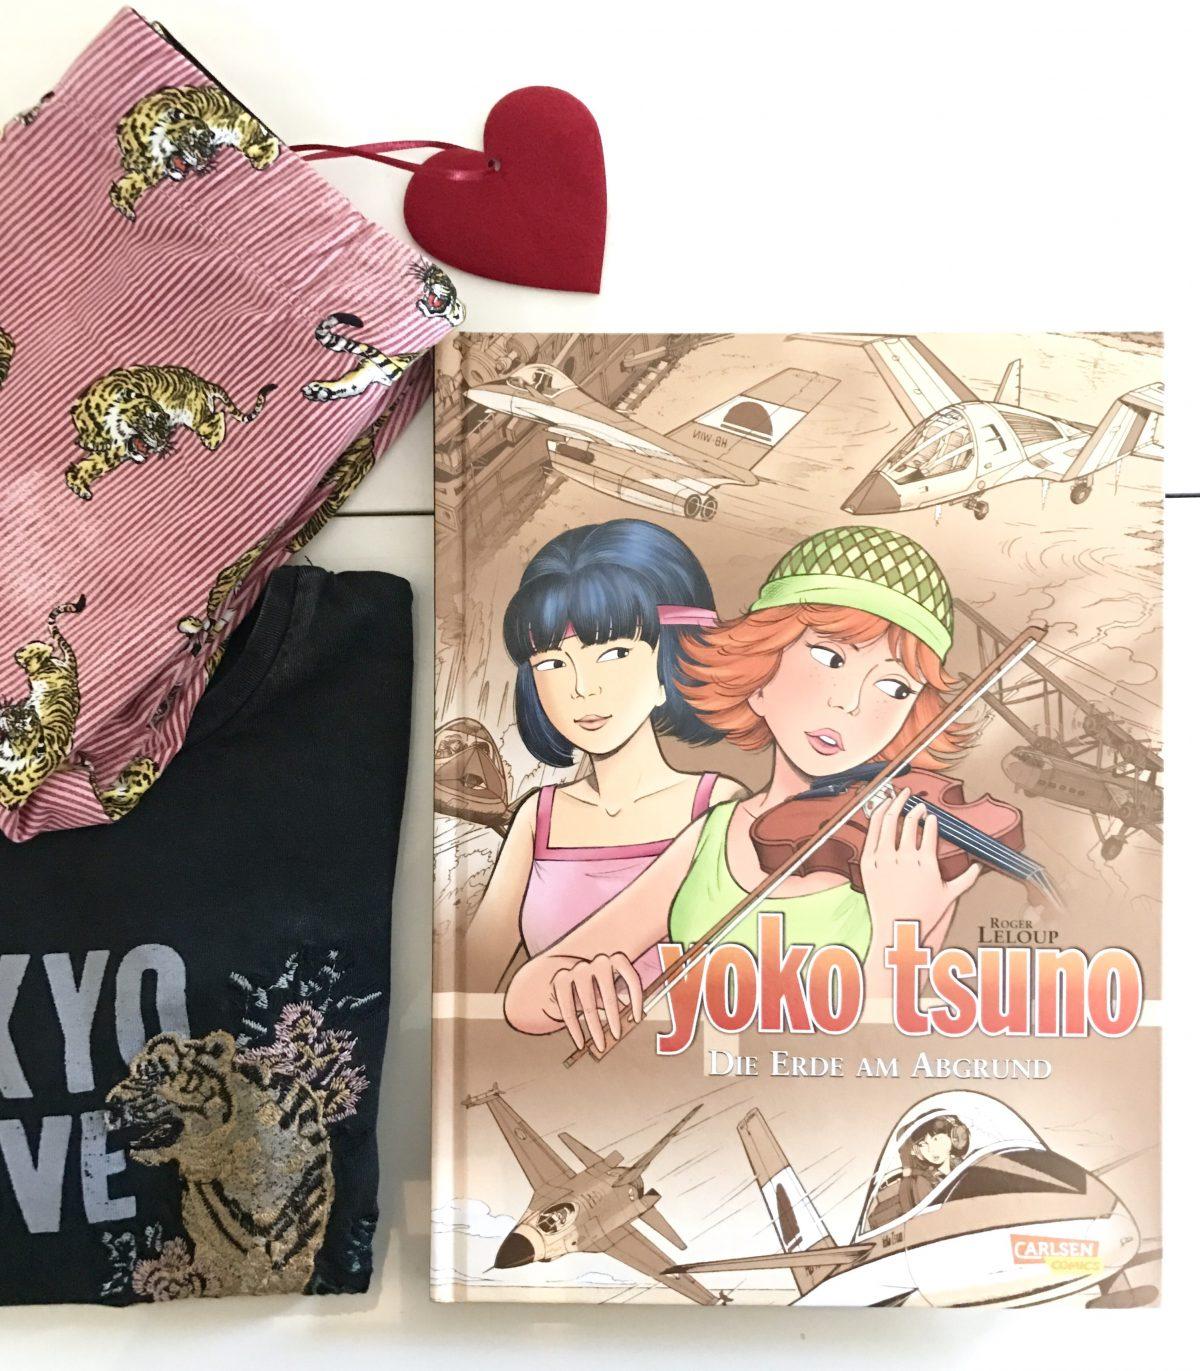 Comicliebe: Yoko Tsuno | Berlinmittemom.com